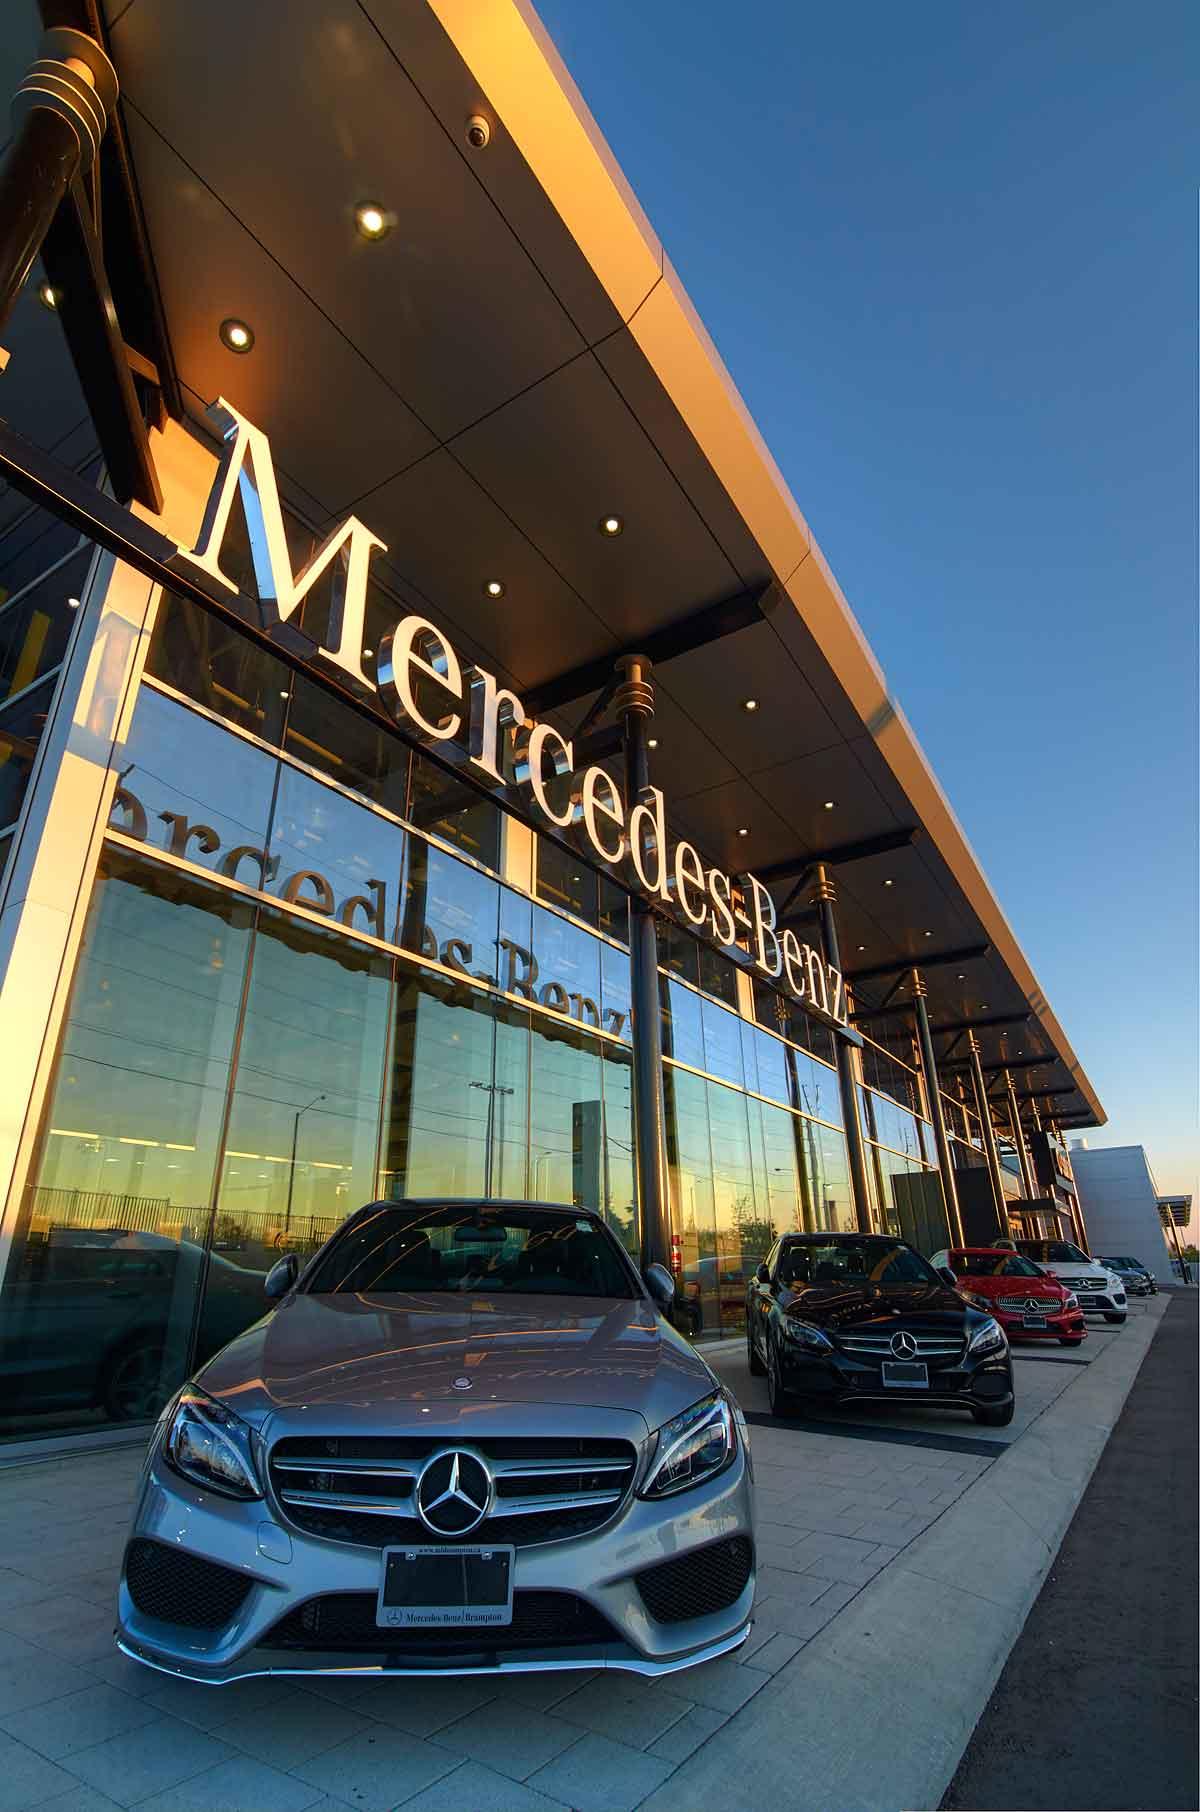 Mercedes-Benz Vivid Vision